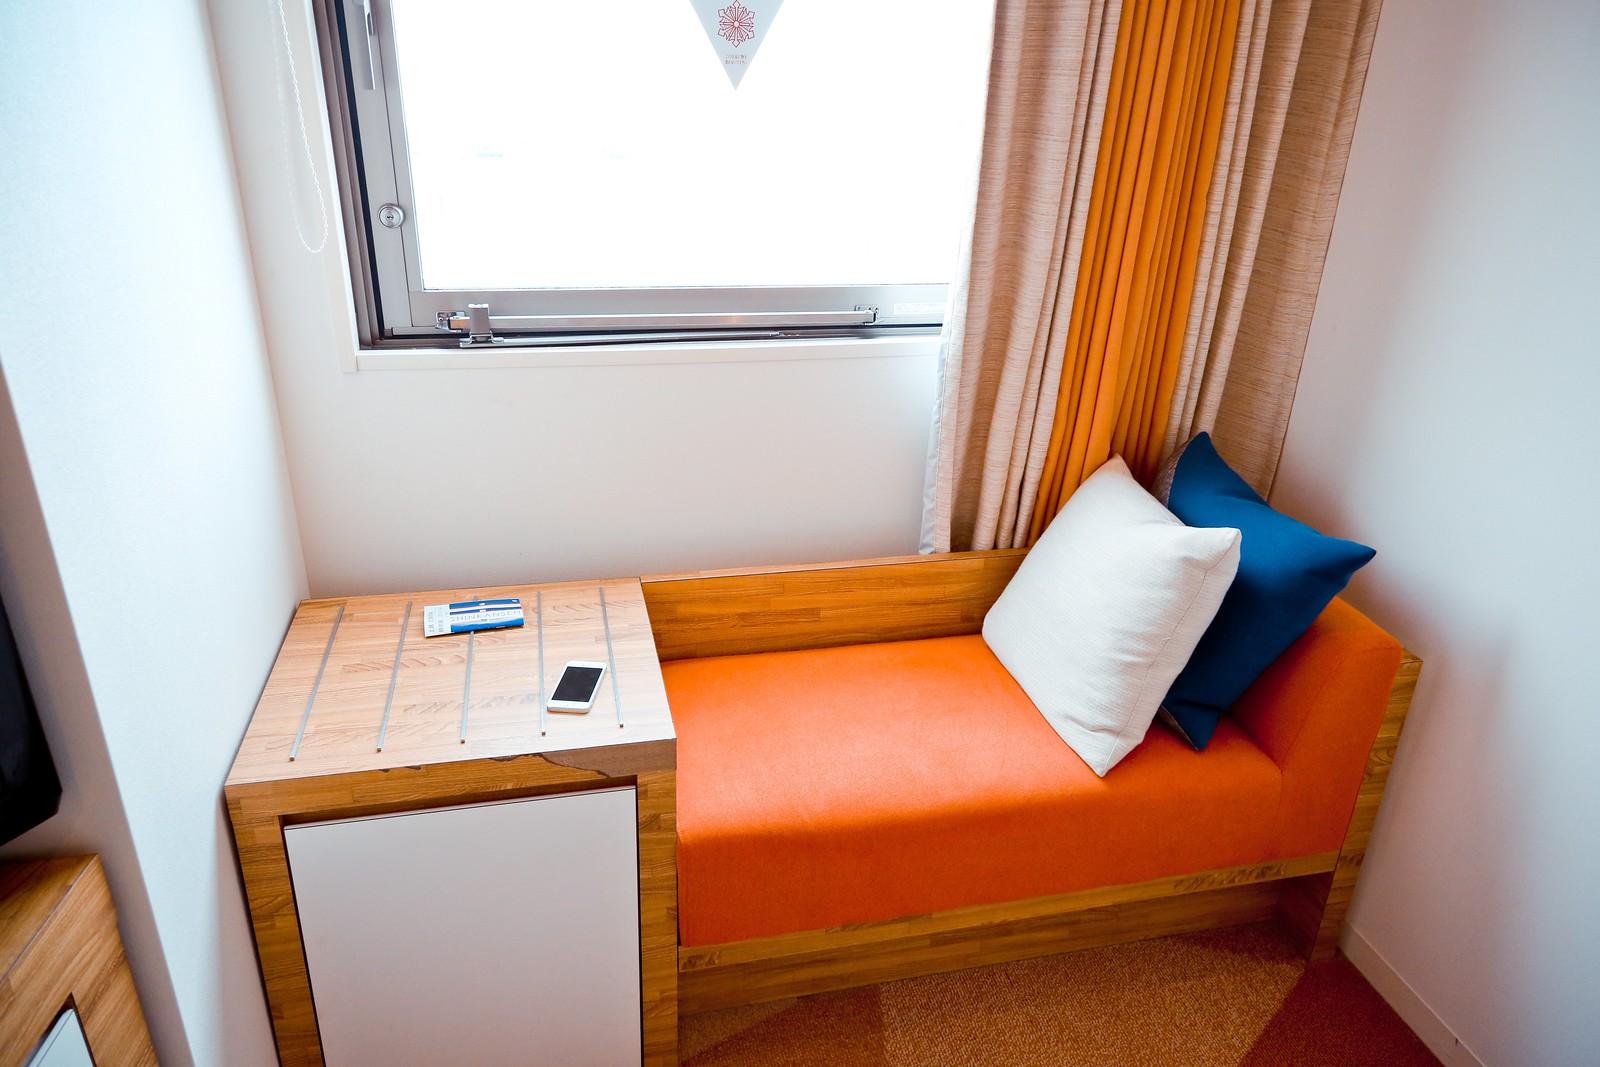 ホテルサンルート長野 SUNROUTE HOTEL CHAIN NAGANO